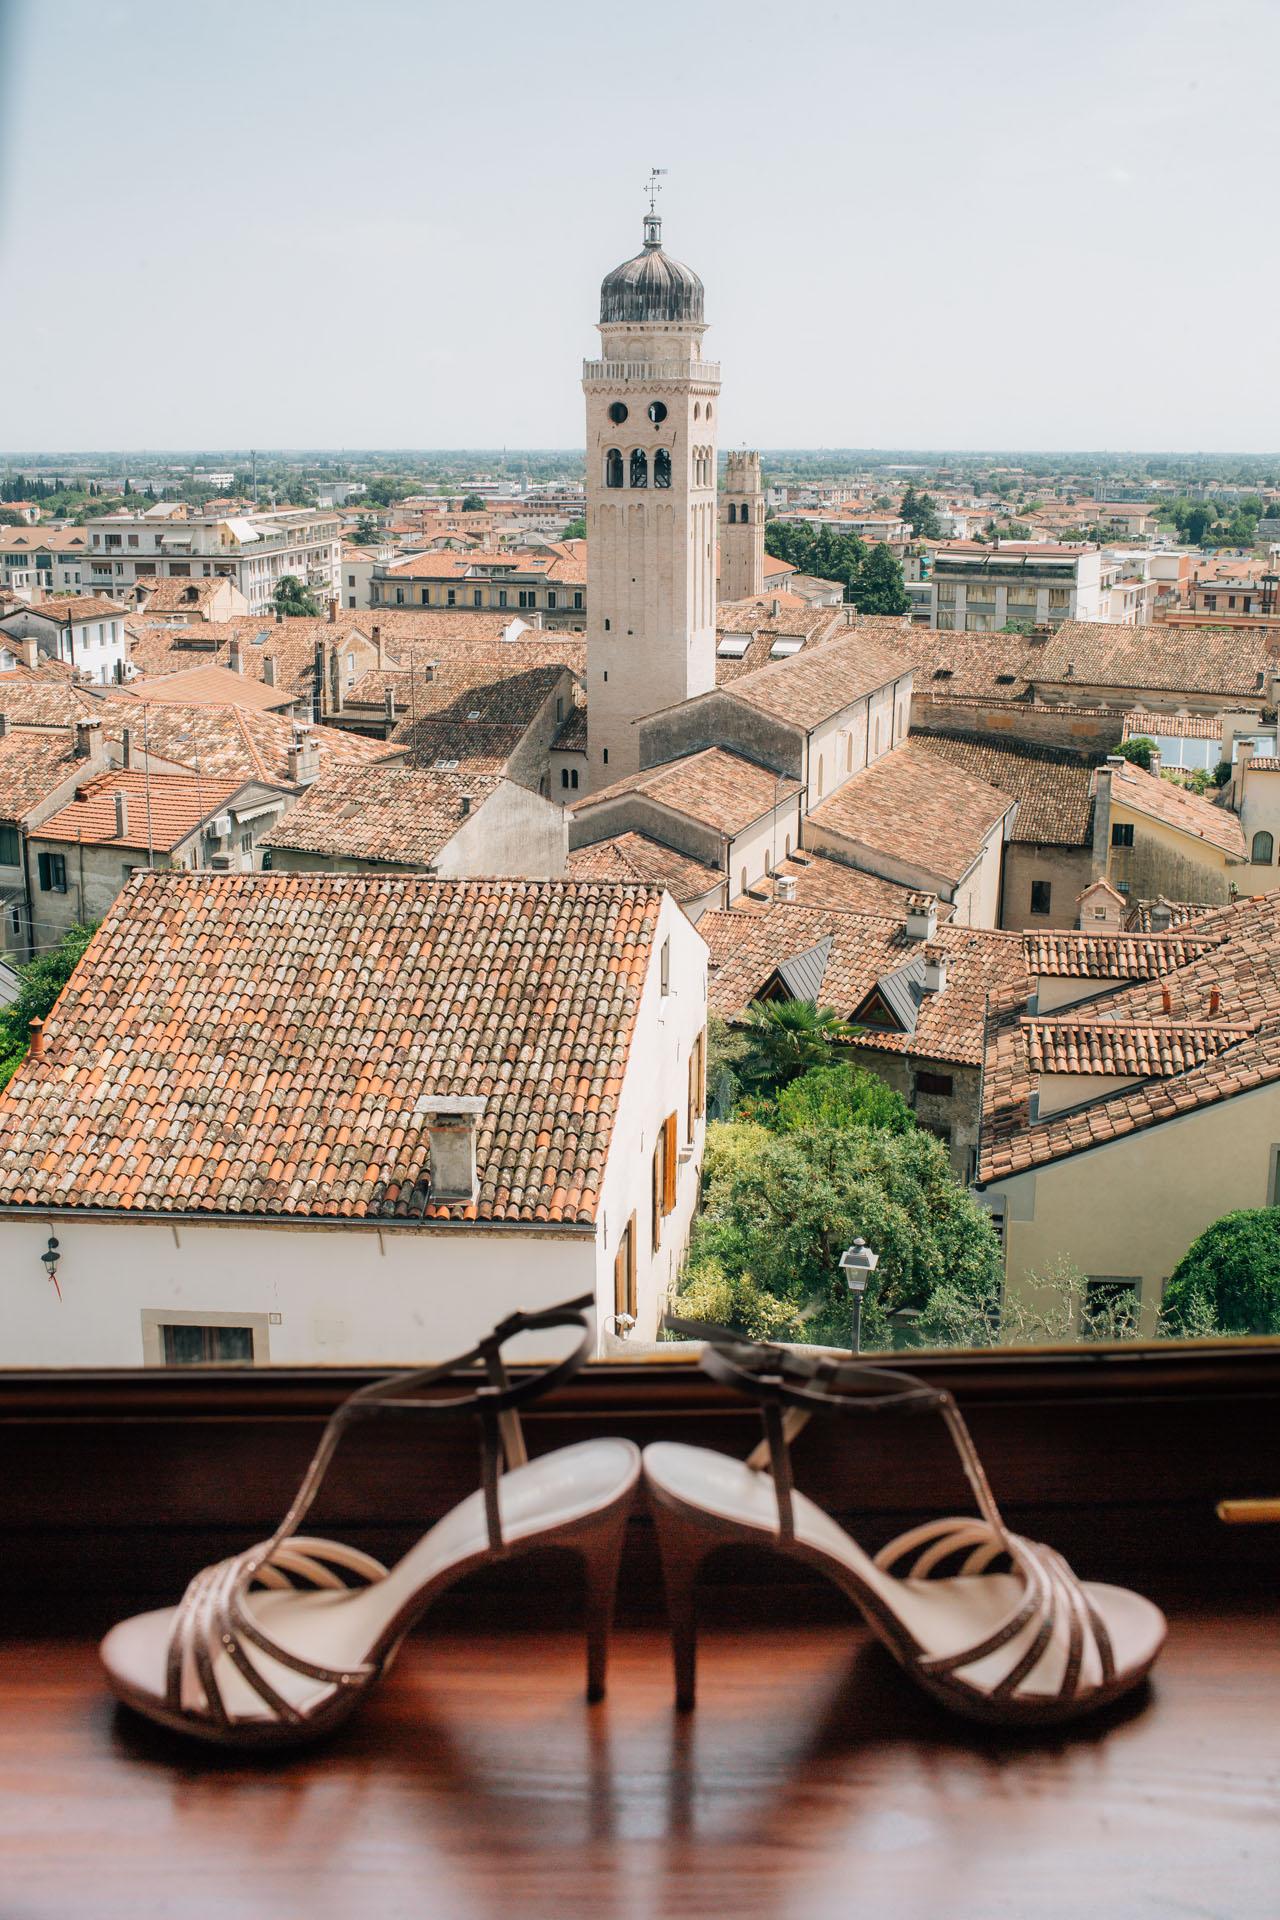 Jessica-Jason-Centrocittà-Weddingdestination-Storytelling-Renato-Zanette-Fotografo-Convento-San-Francesco-Conegliano-Treviso-Veneto